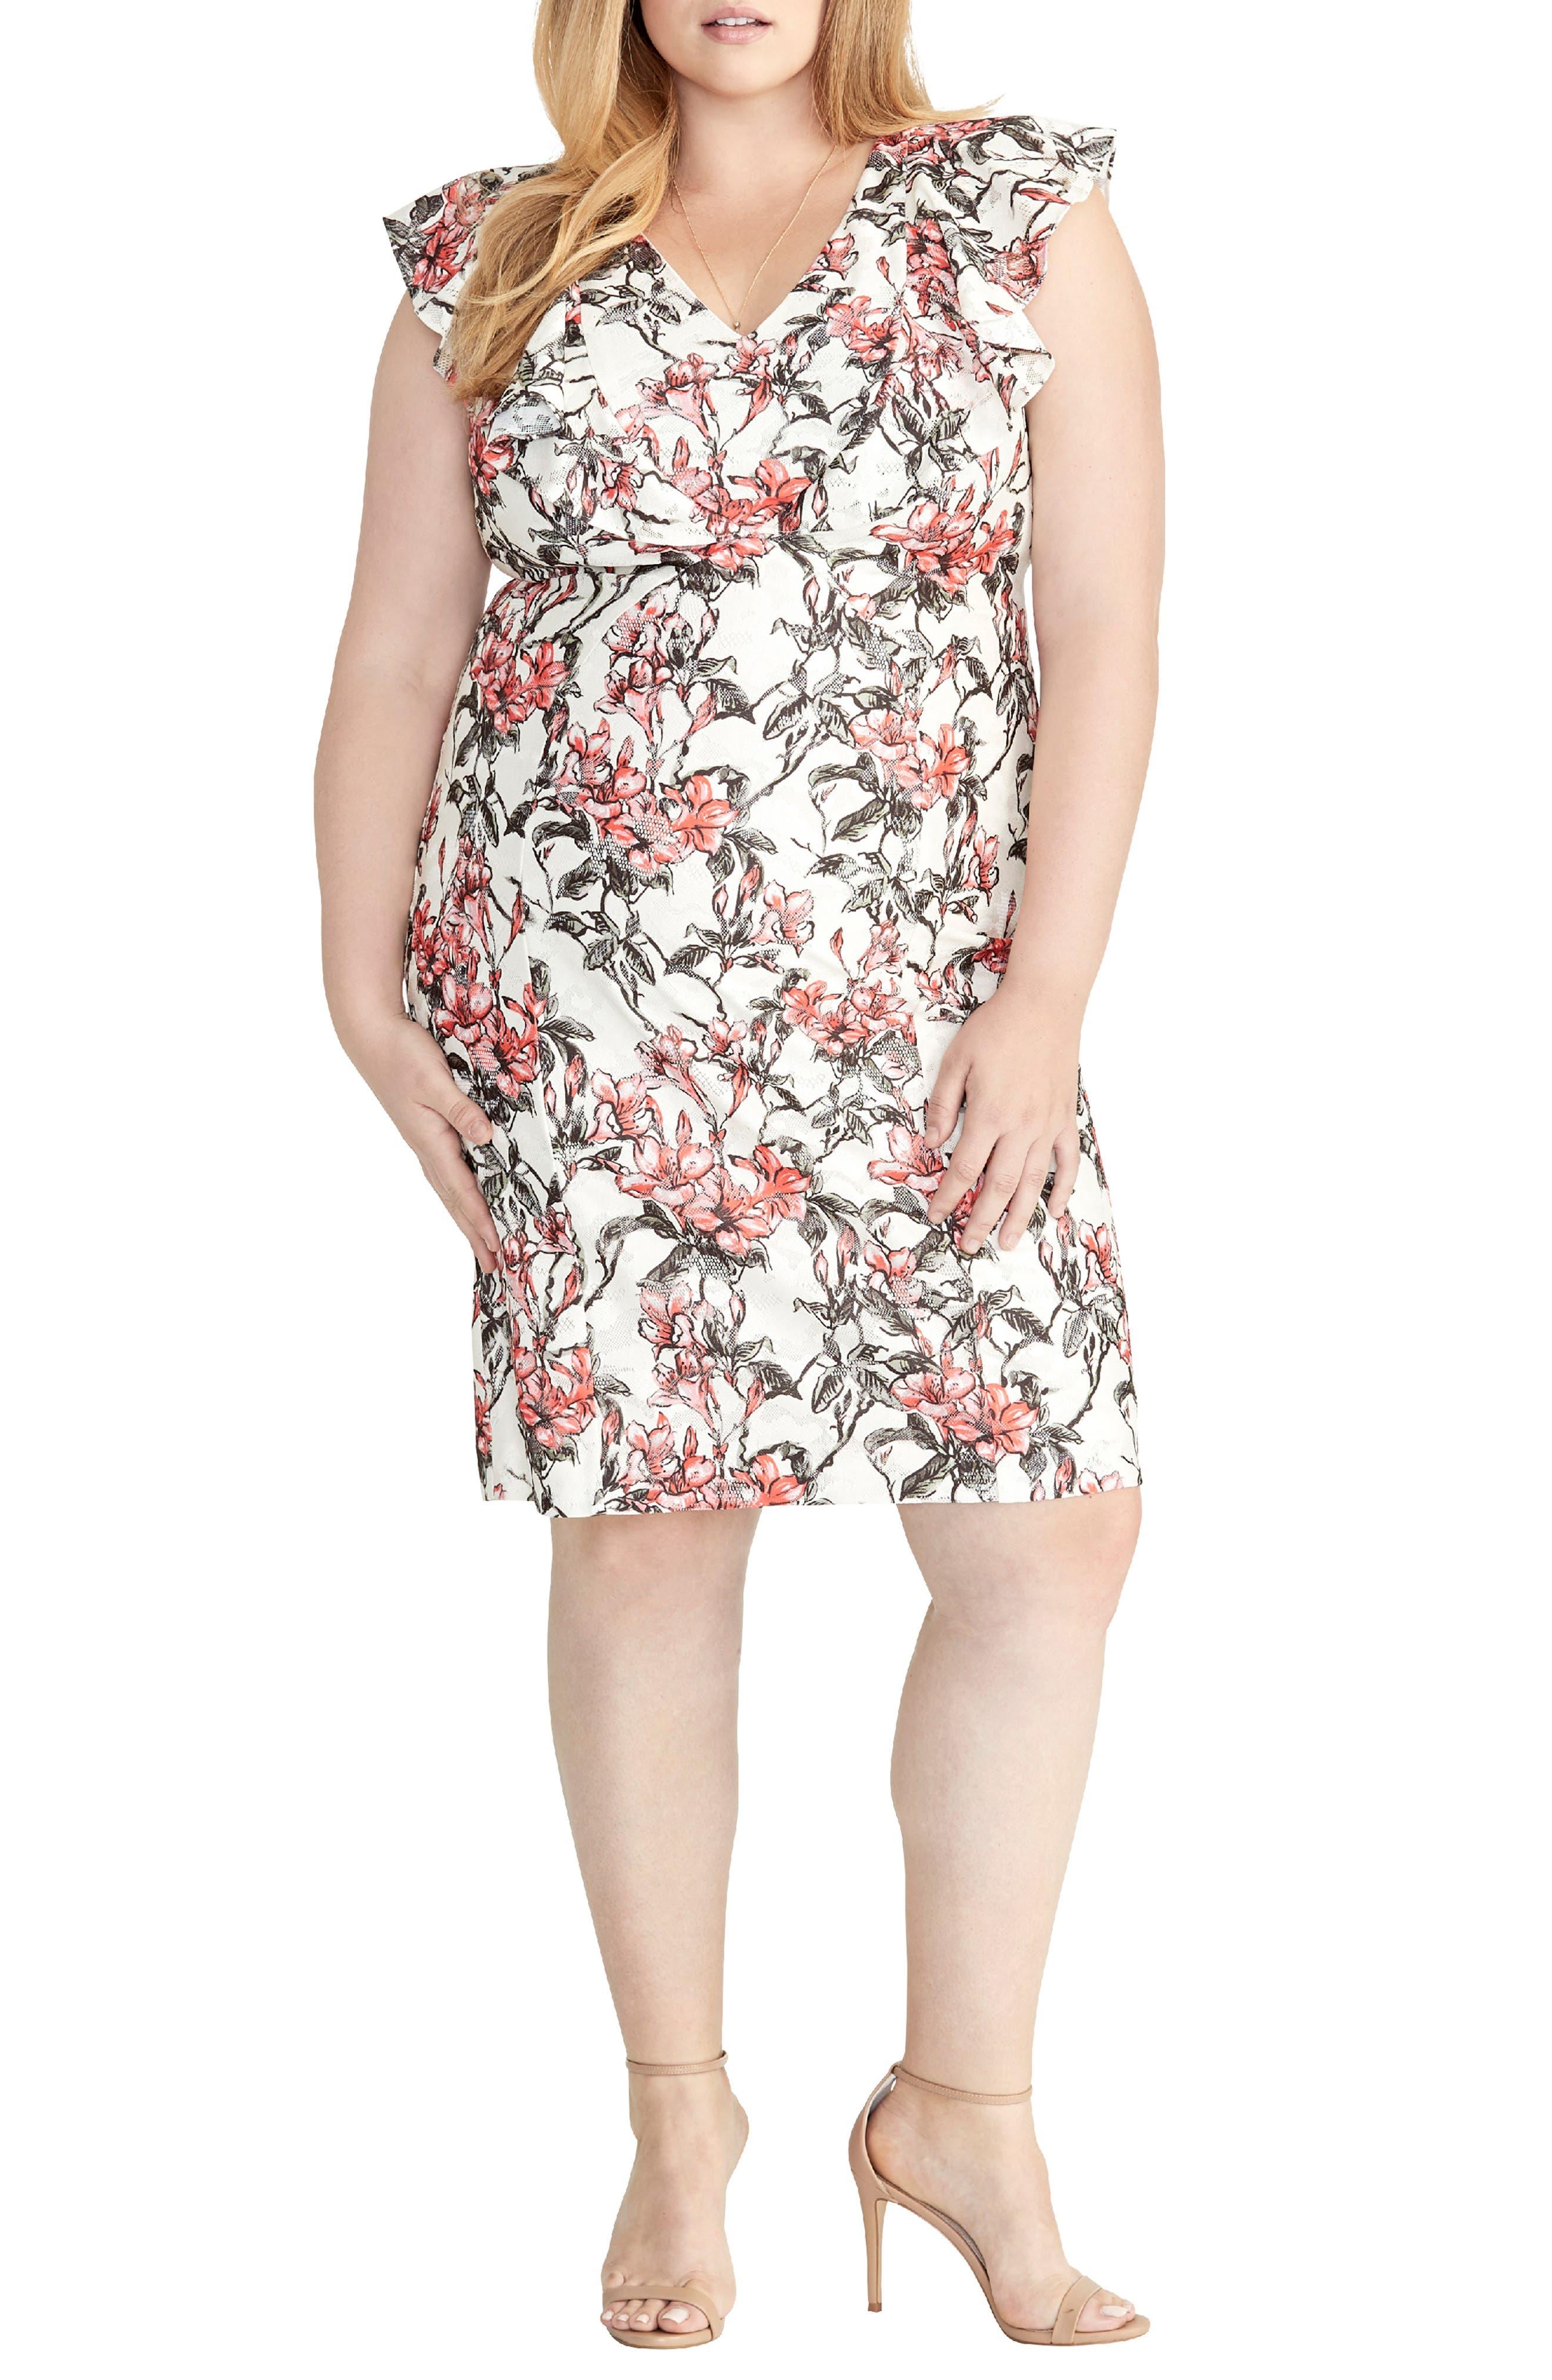 Plus Size Rachel Rachel Roy Ruffled Floral Lace Dress, Red